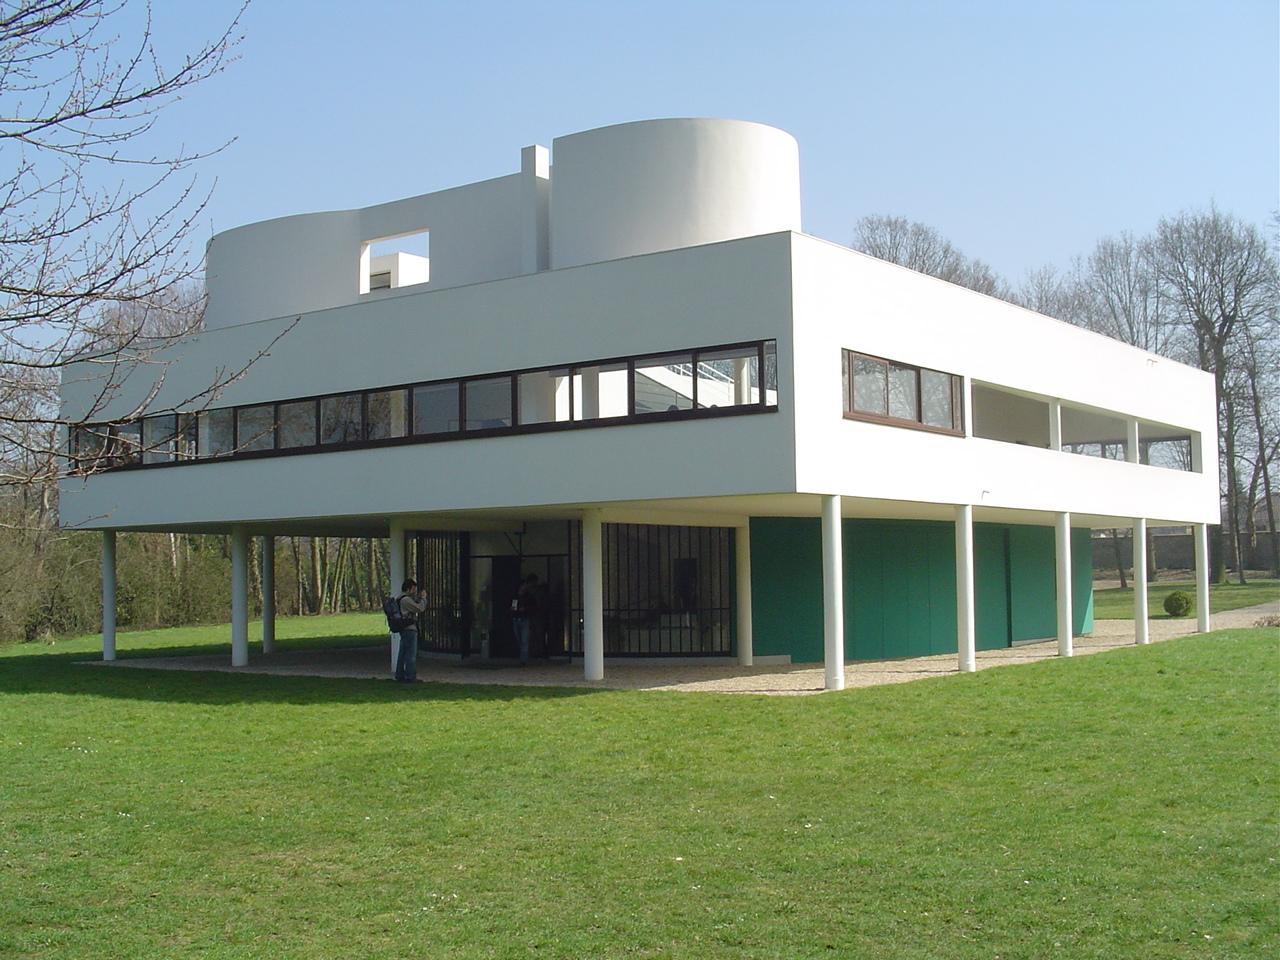 Arquiteto fala arquitetura moderna for Corbusier mobel